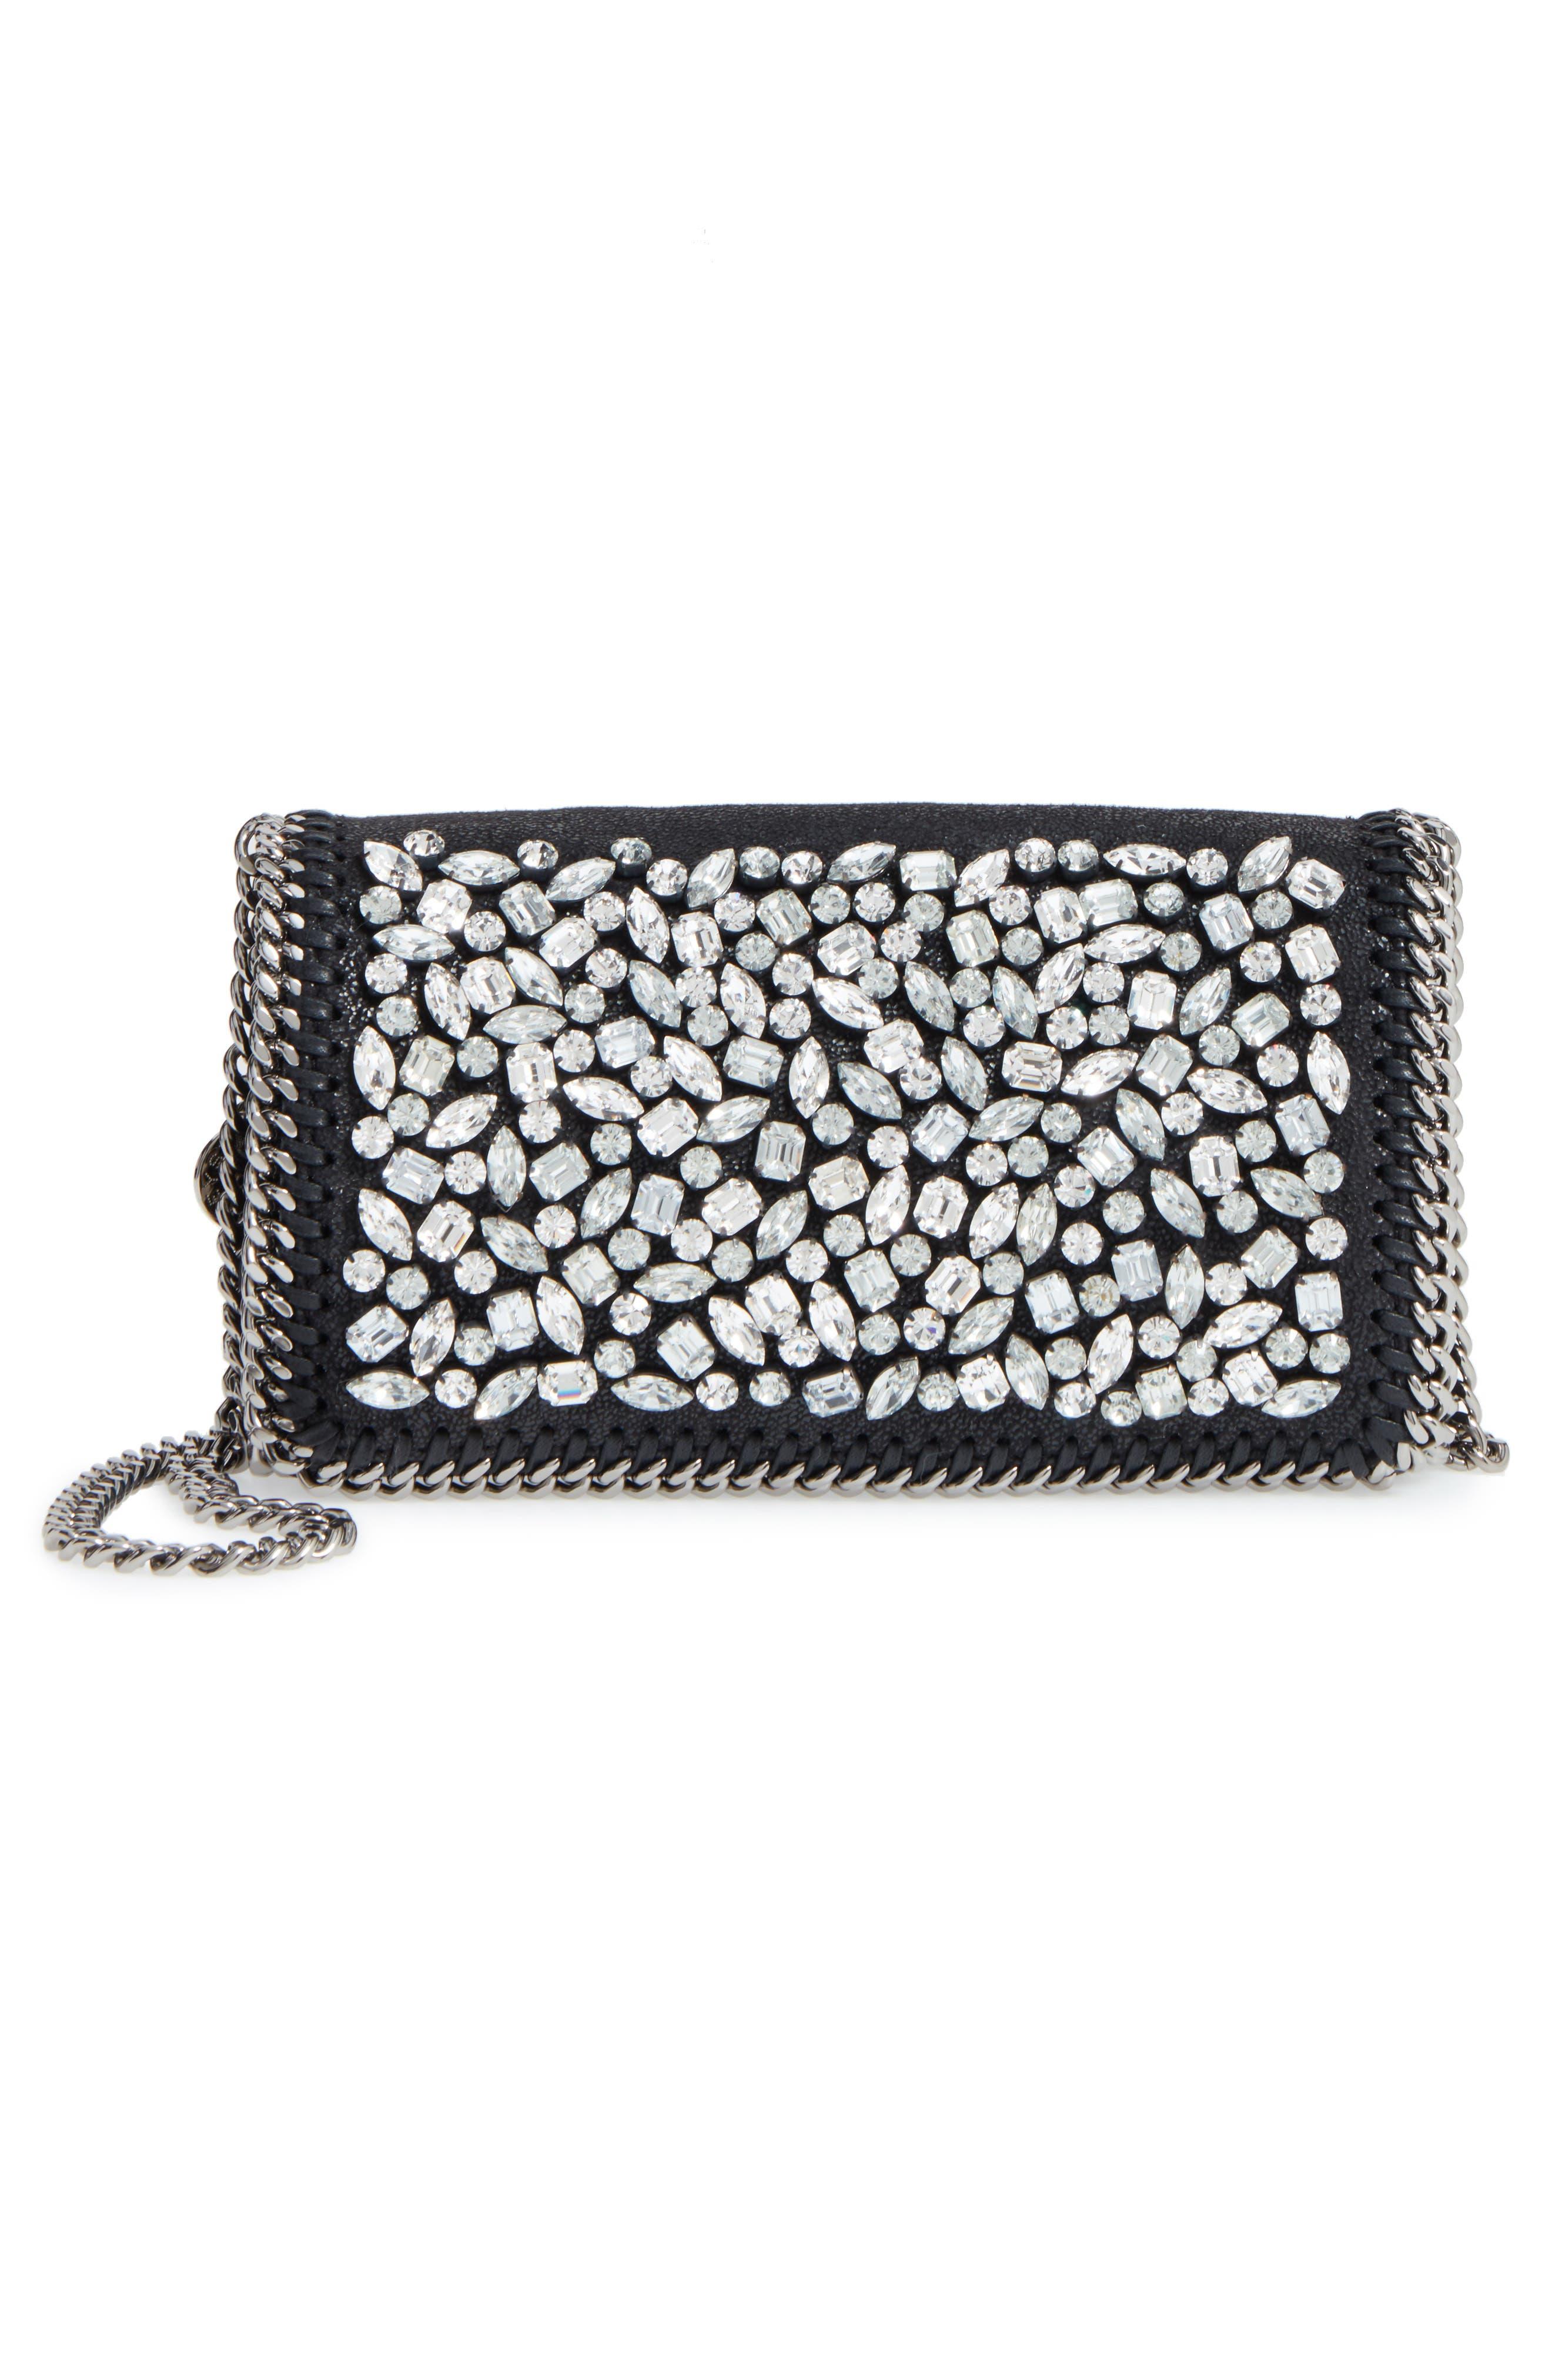 STELLA MCCARTNEY Small Fallabella Crystal Faux Leather Crossbody Bag